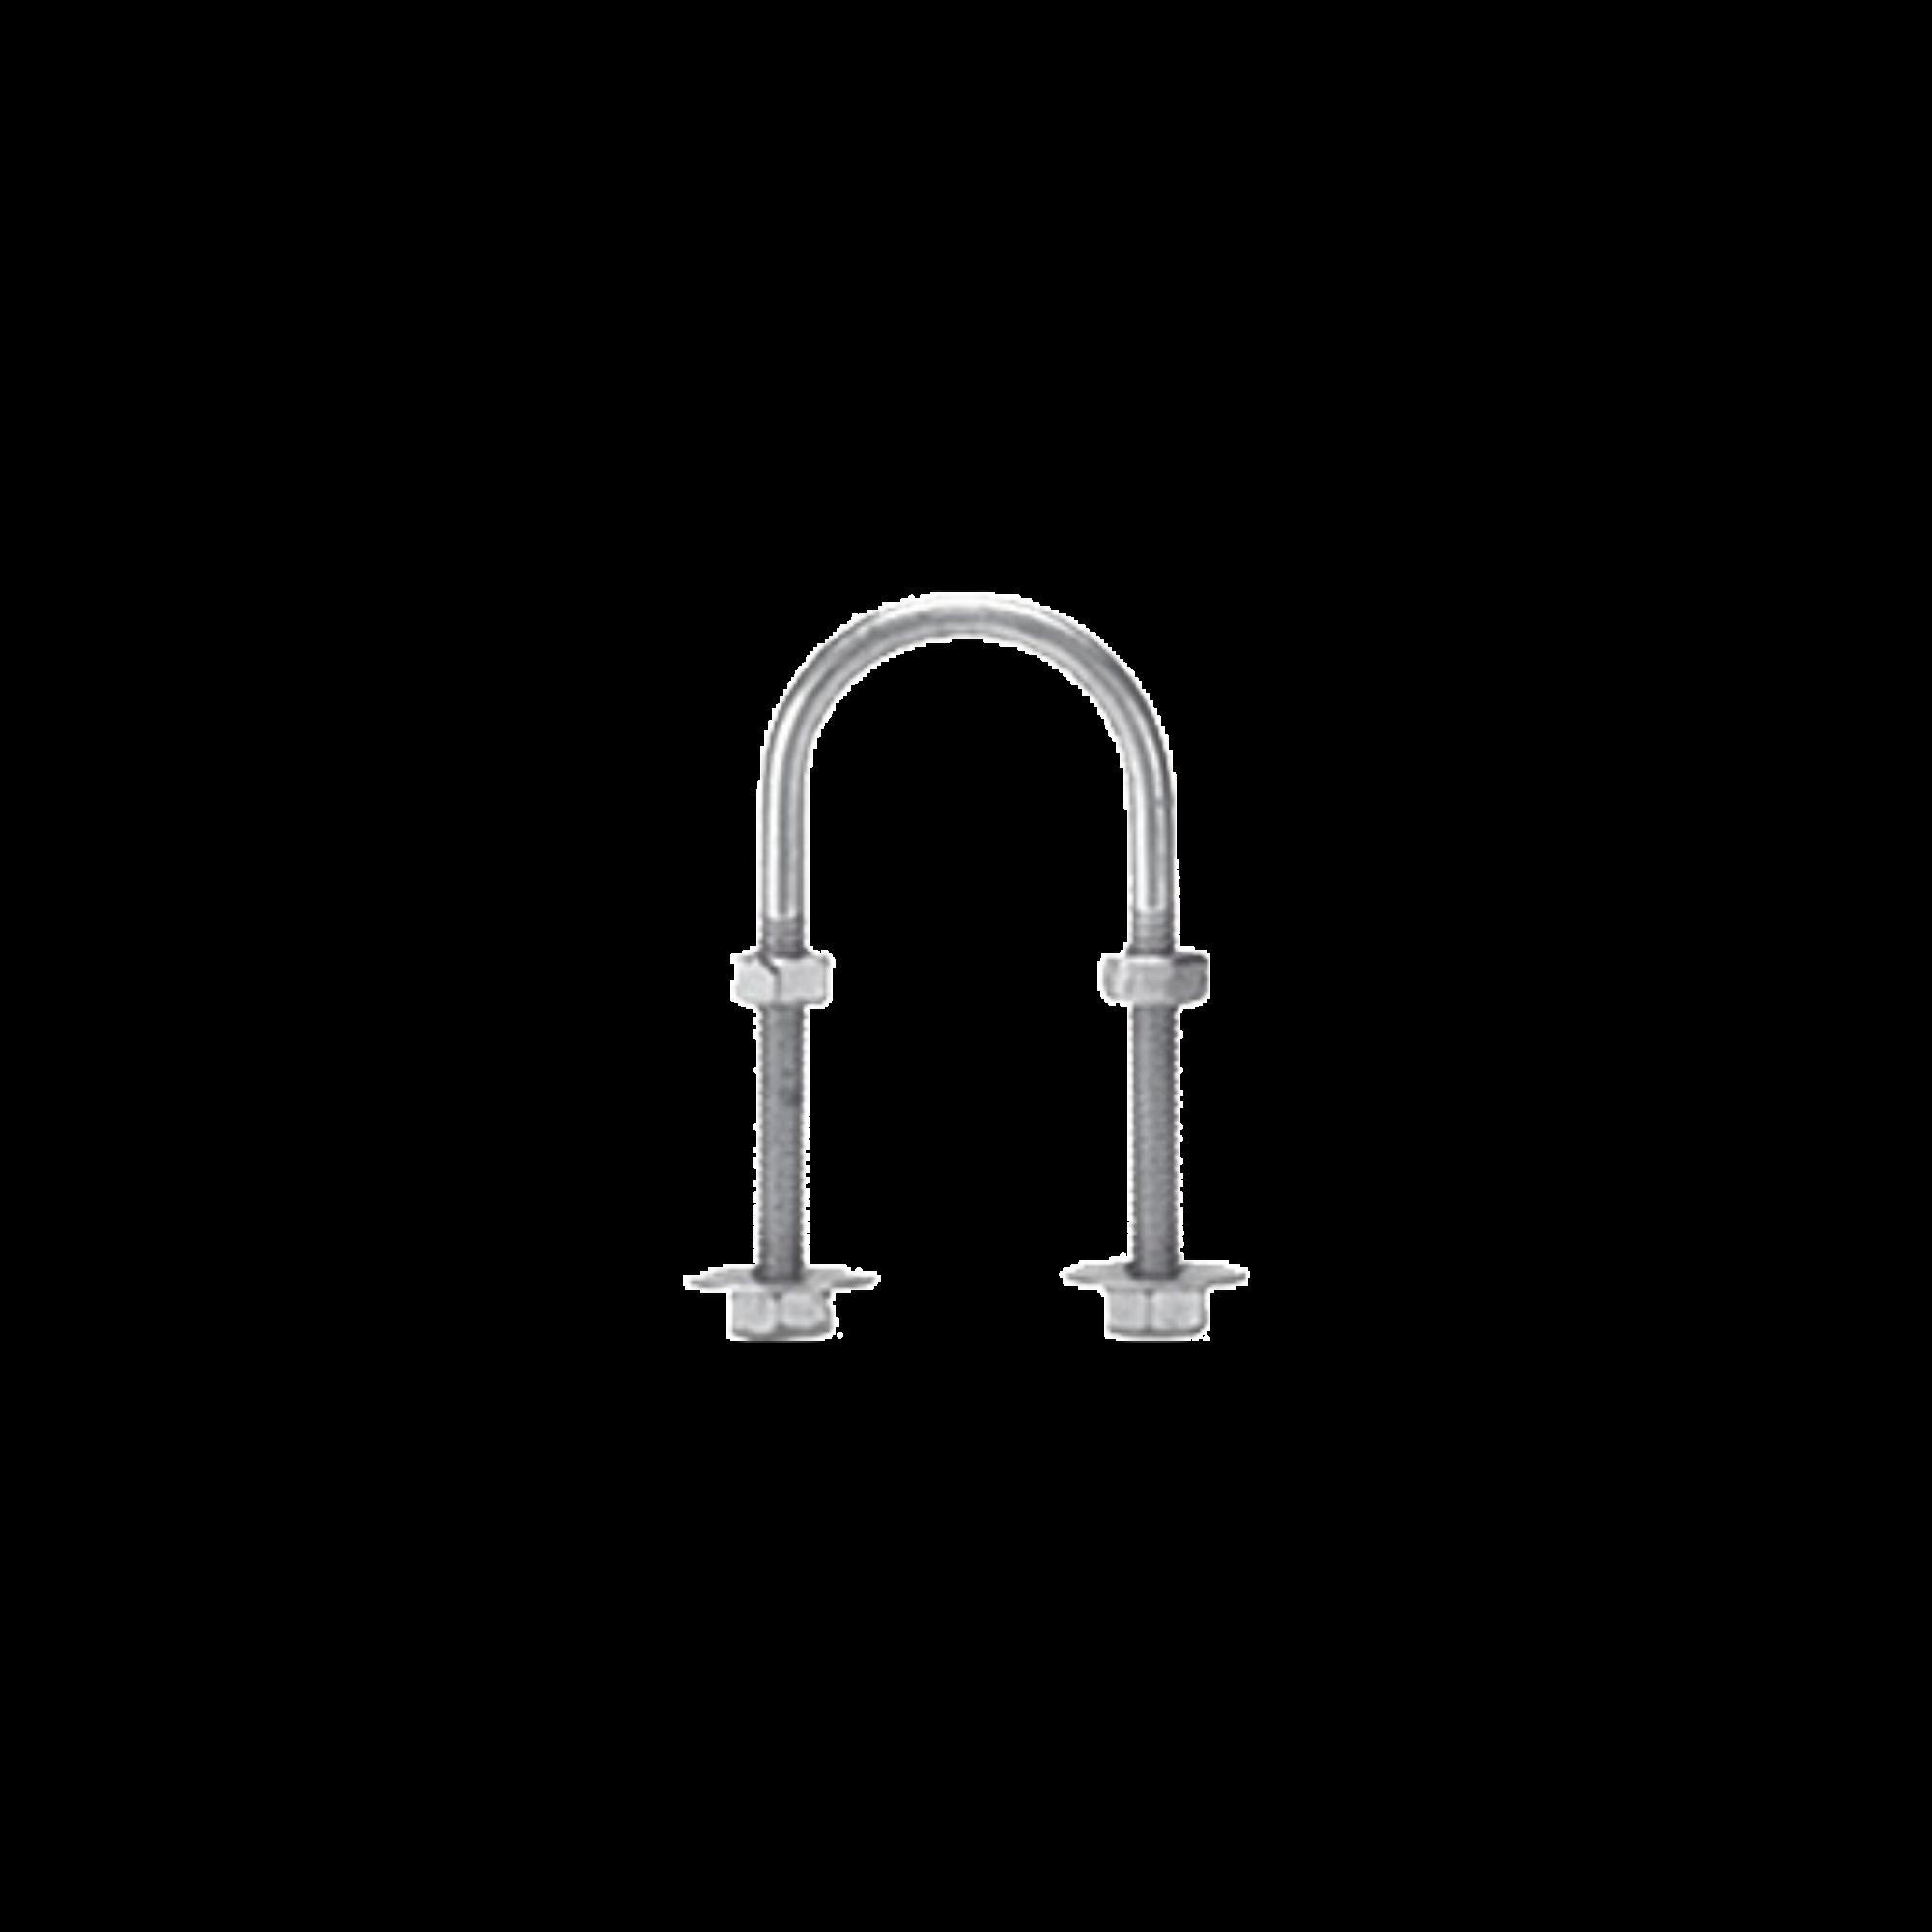 Abrazadera tipo U de 1 1/2, con acabado Electro Zinc, no incluye tuercas y arandelas